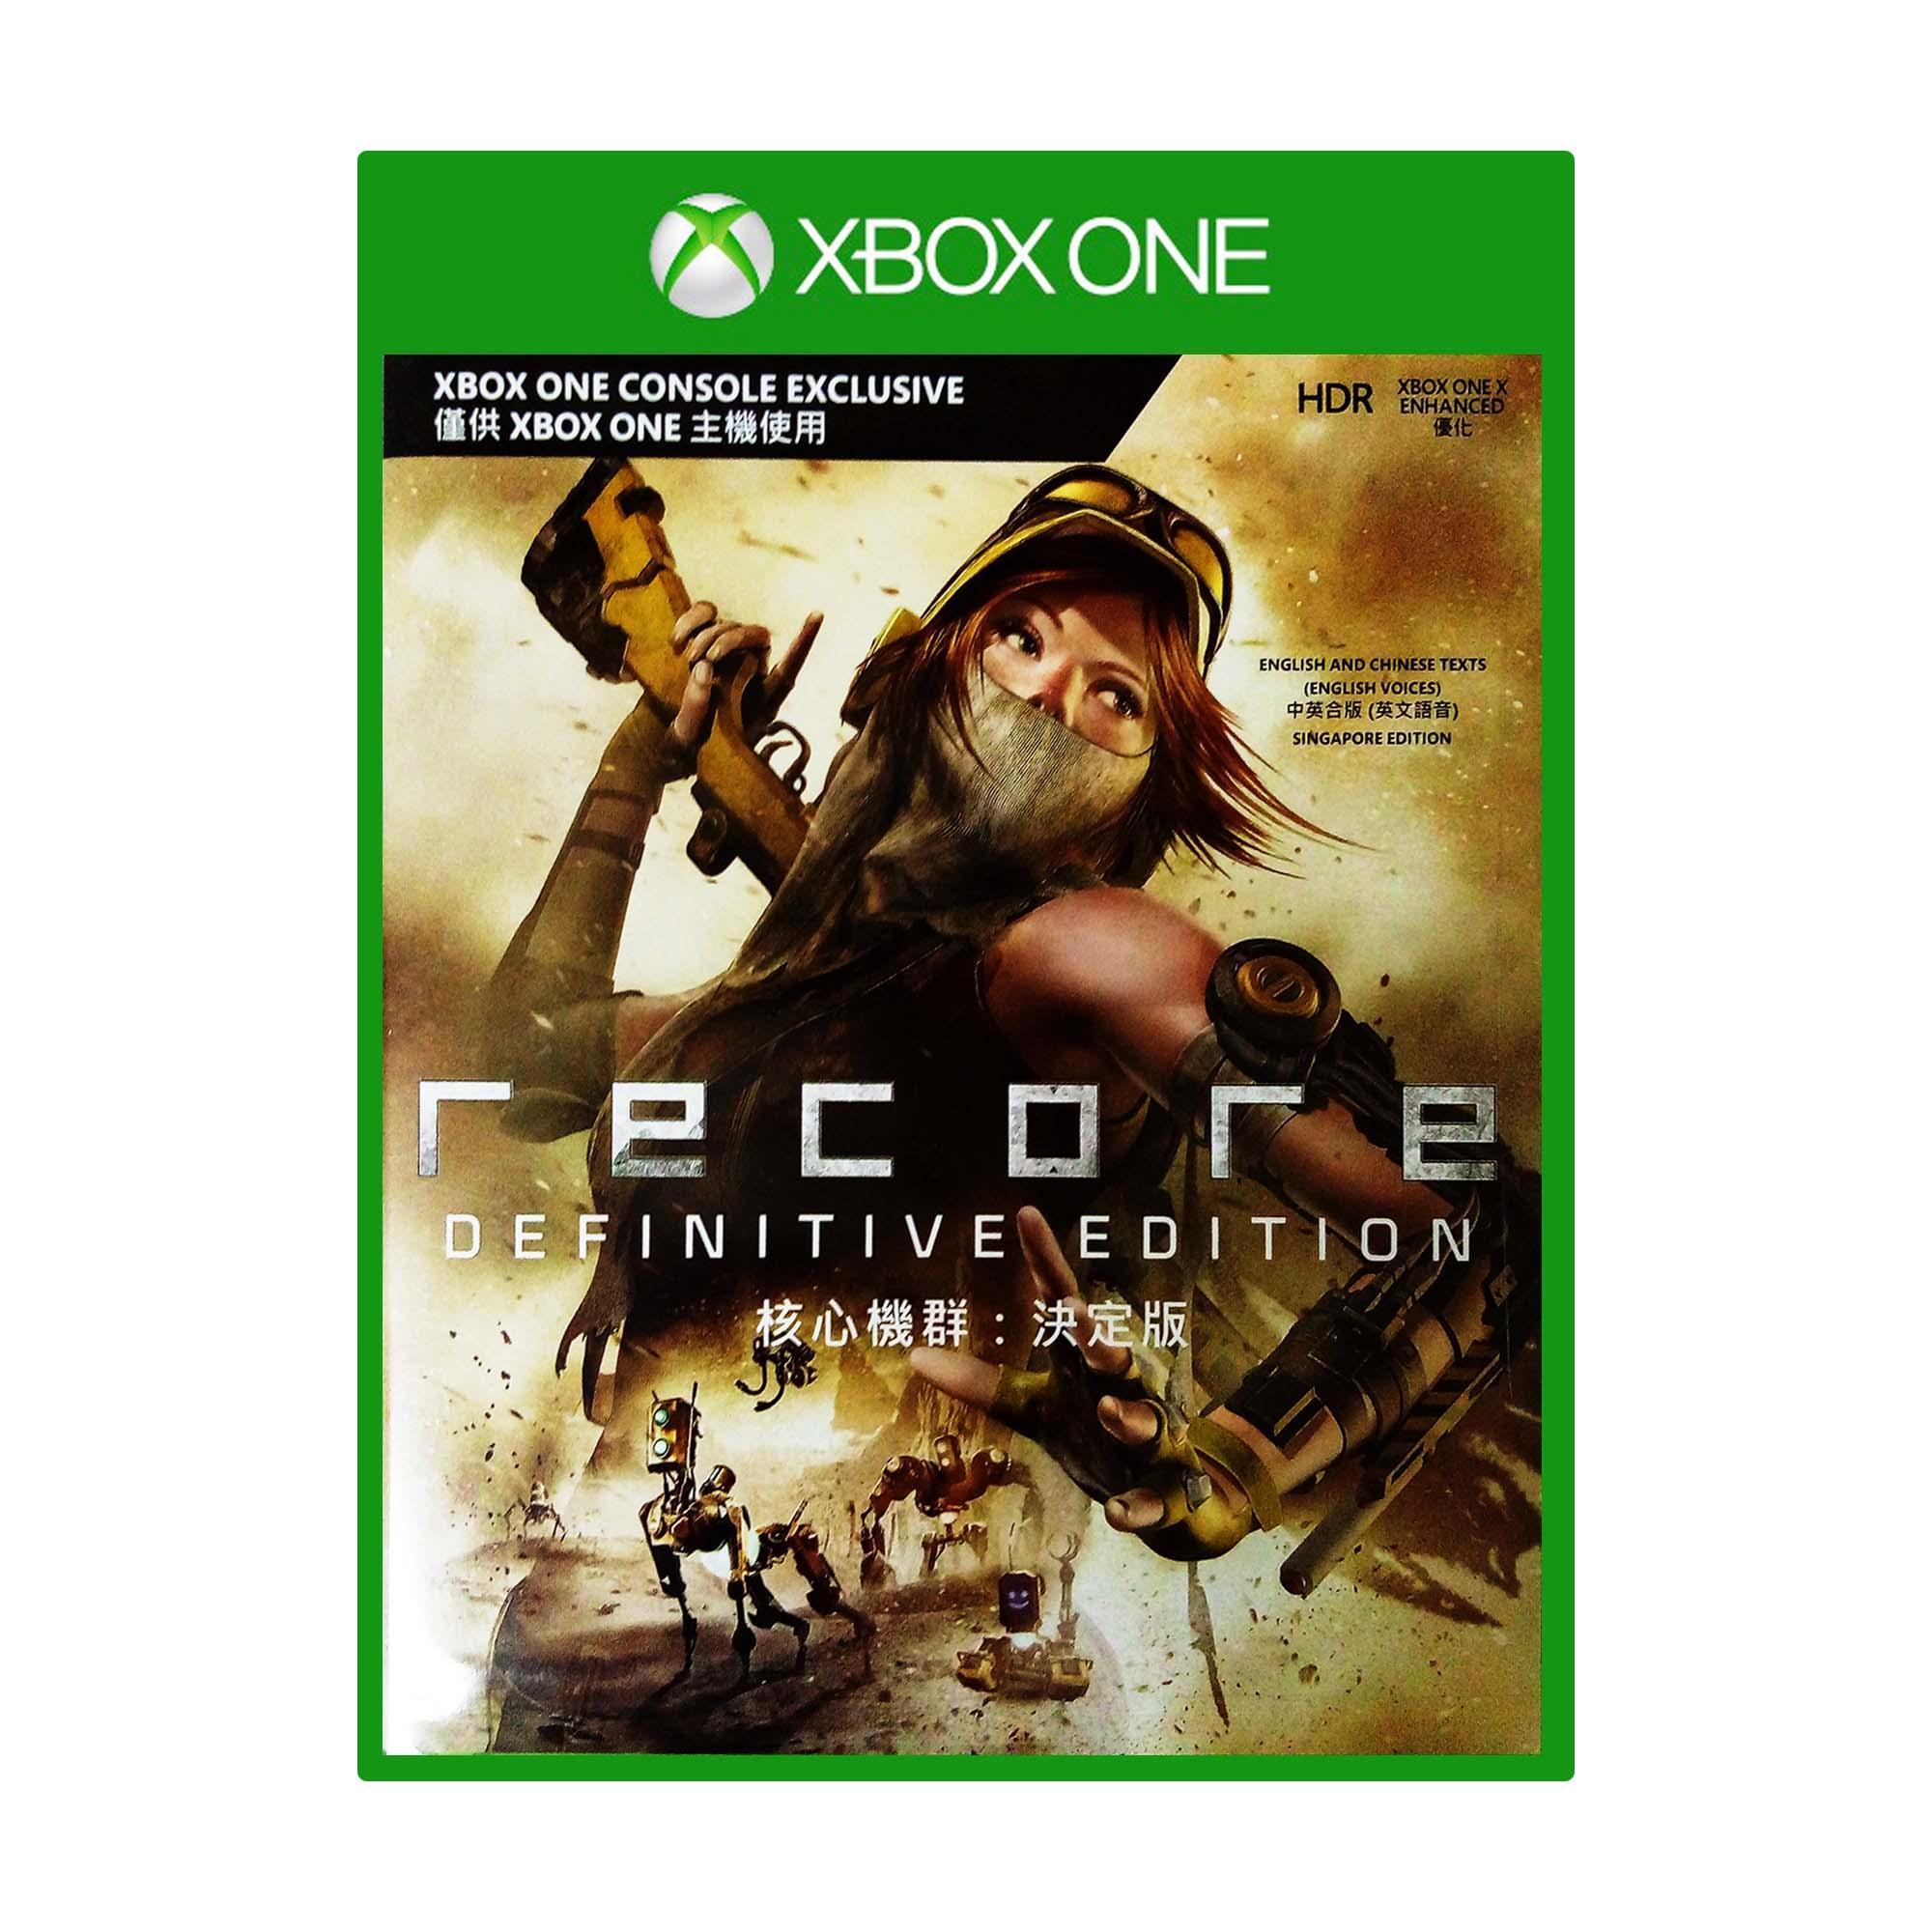 Xbox one ReCore Definitive Edition